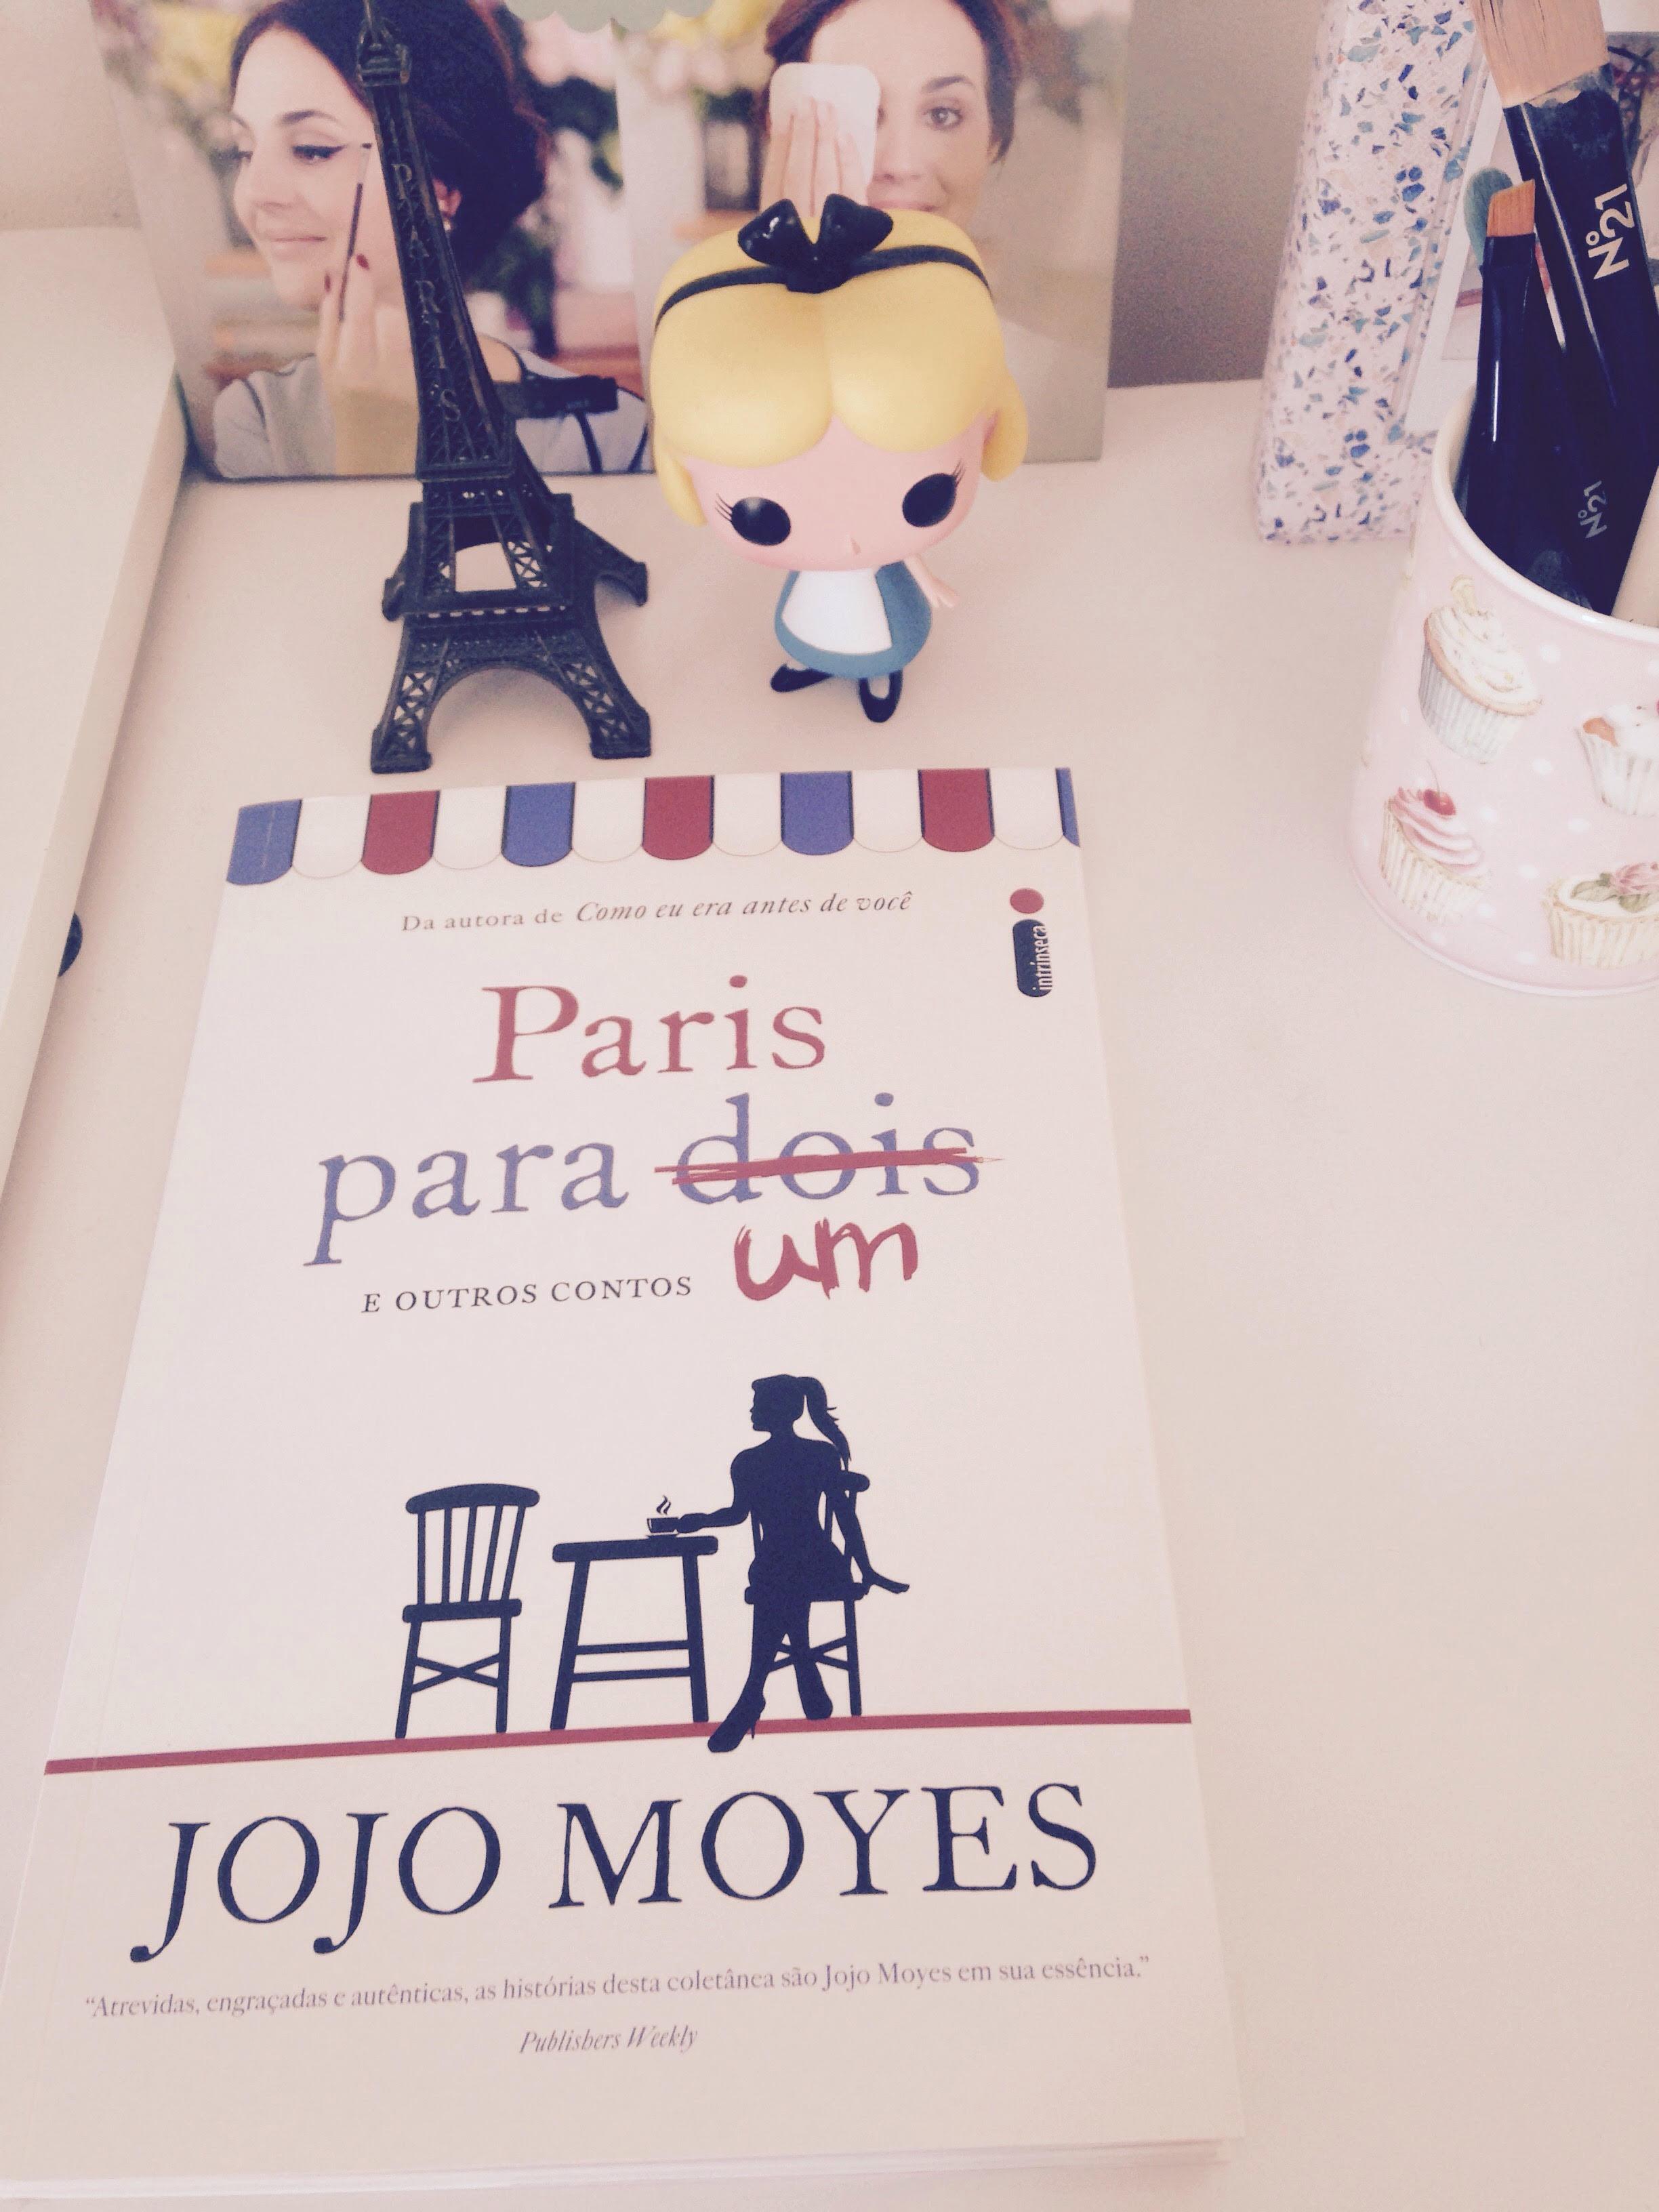 PJ Leu - Paris para um e outros contos